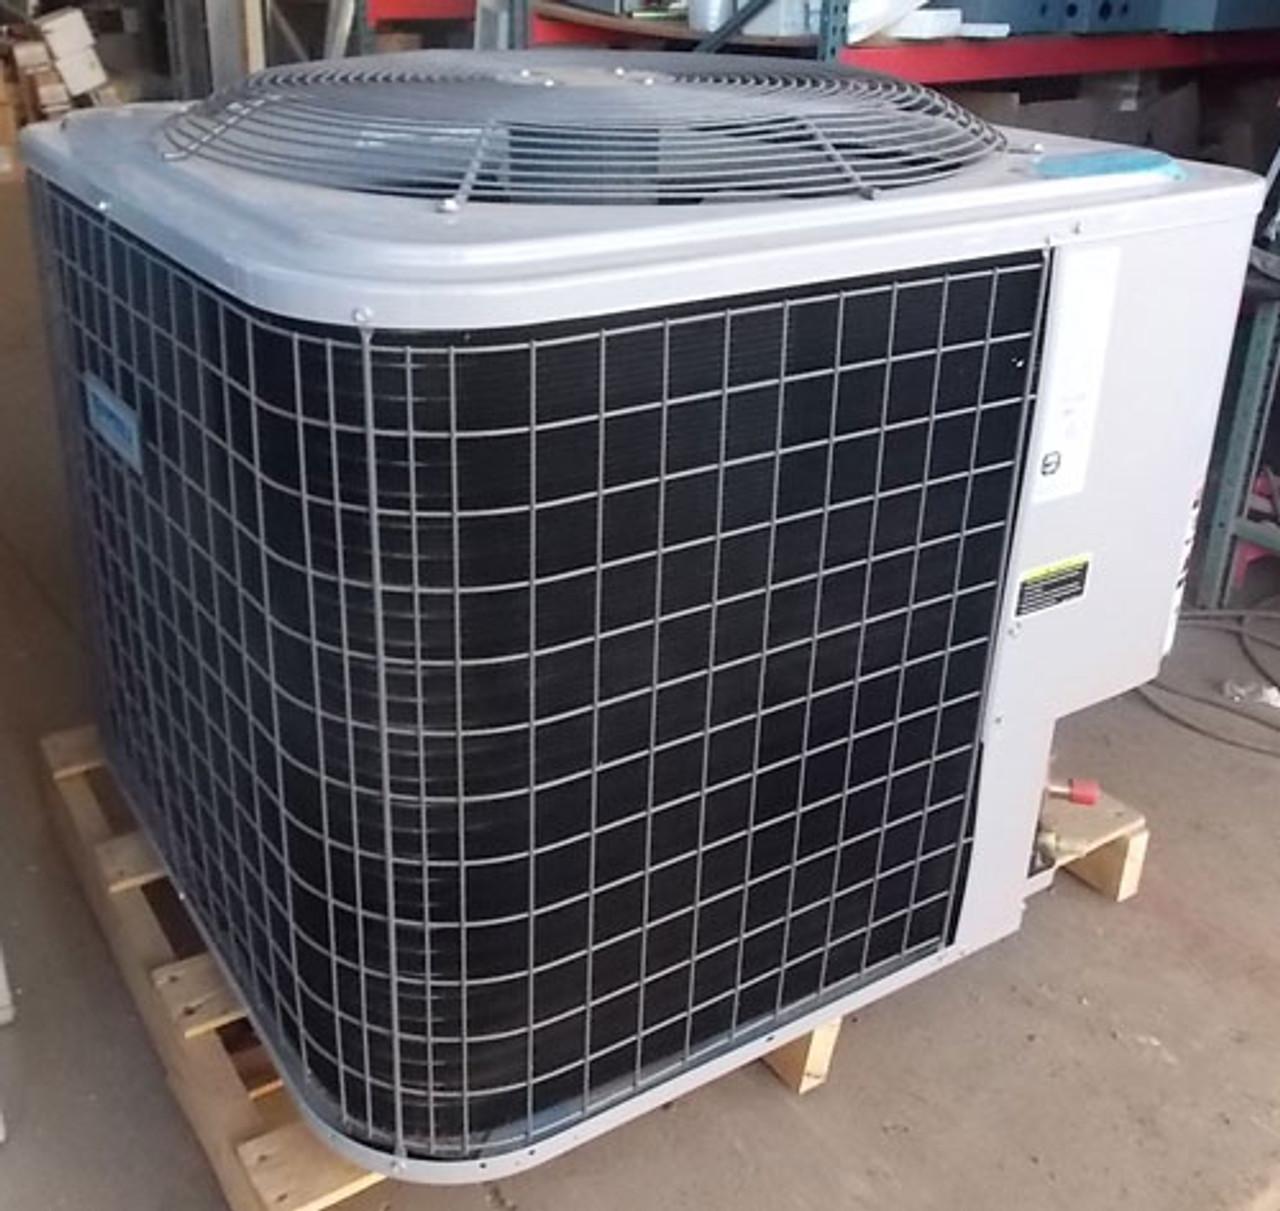 ARI N2H360ALC200 460VAC 3PH R-22 5 Ton Condenser Heat Pump - New